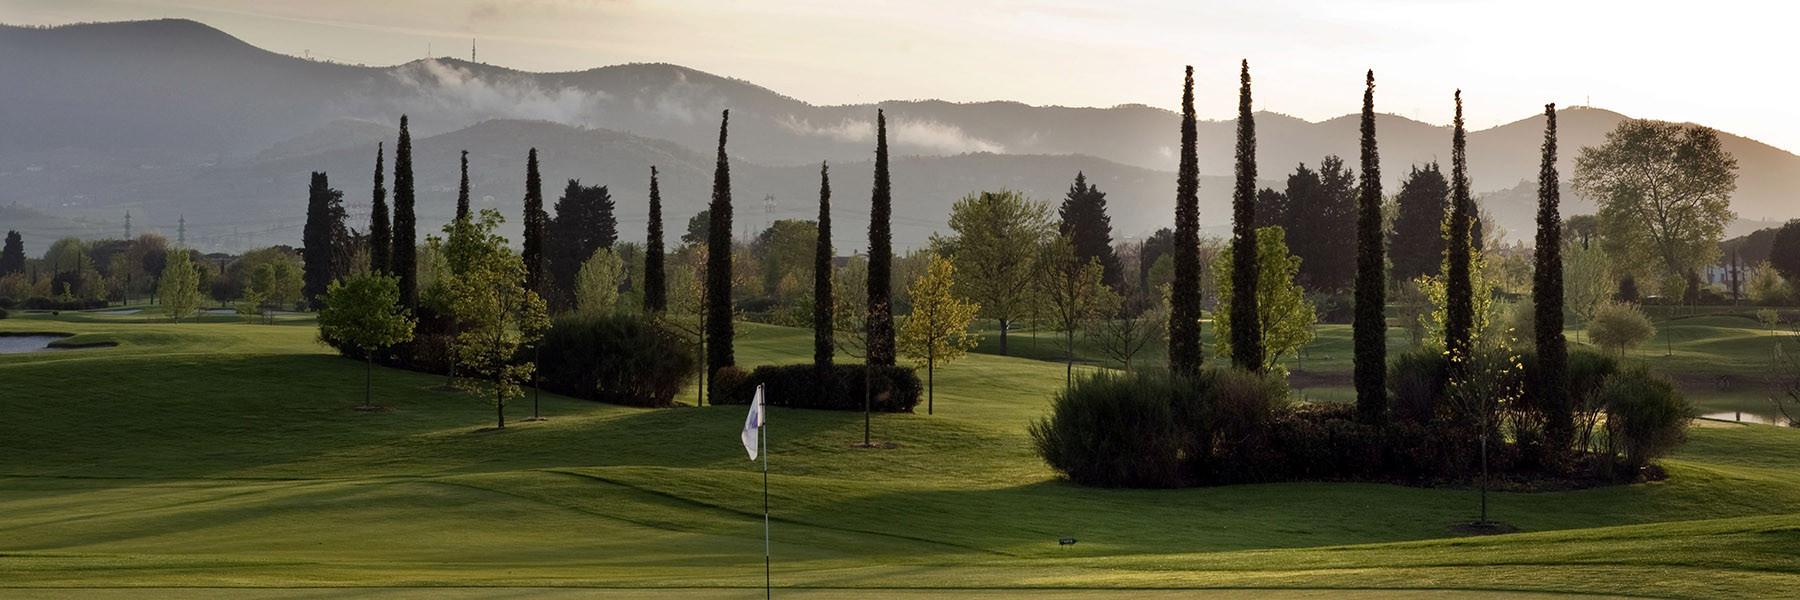 Golf Le Pavoniere